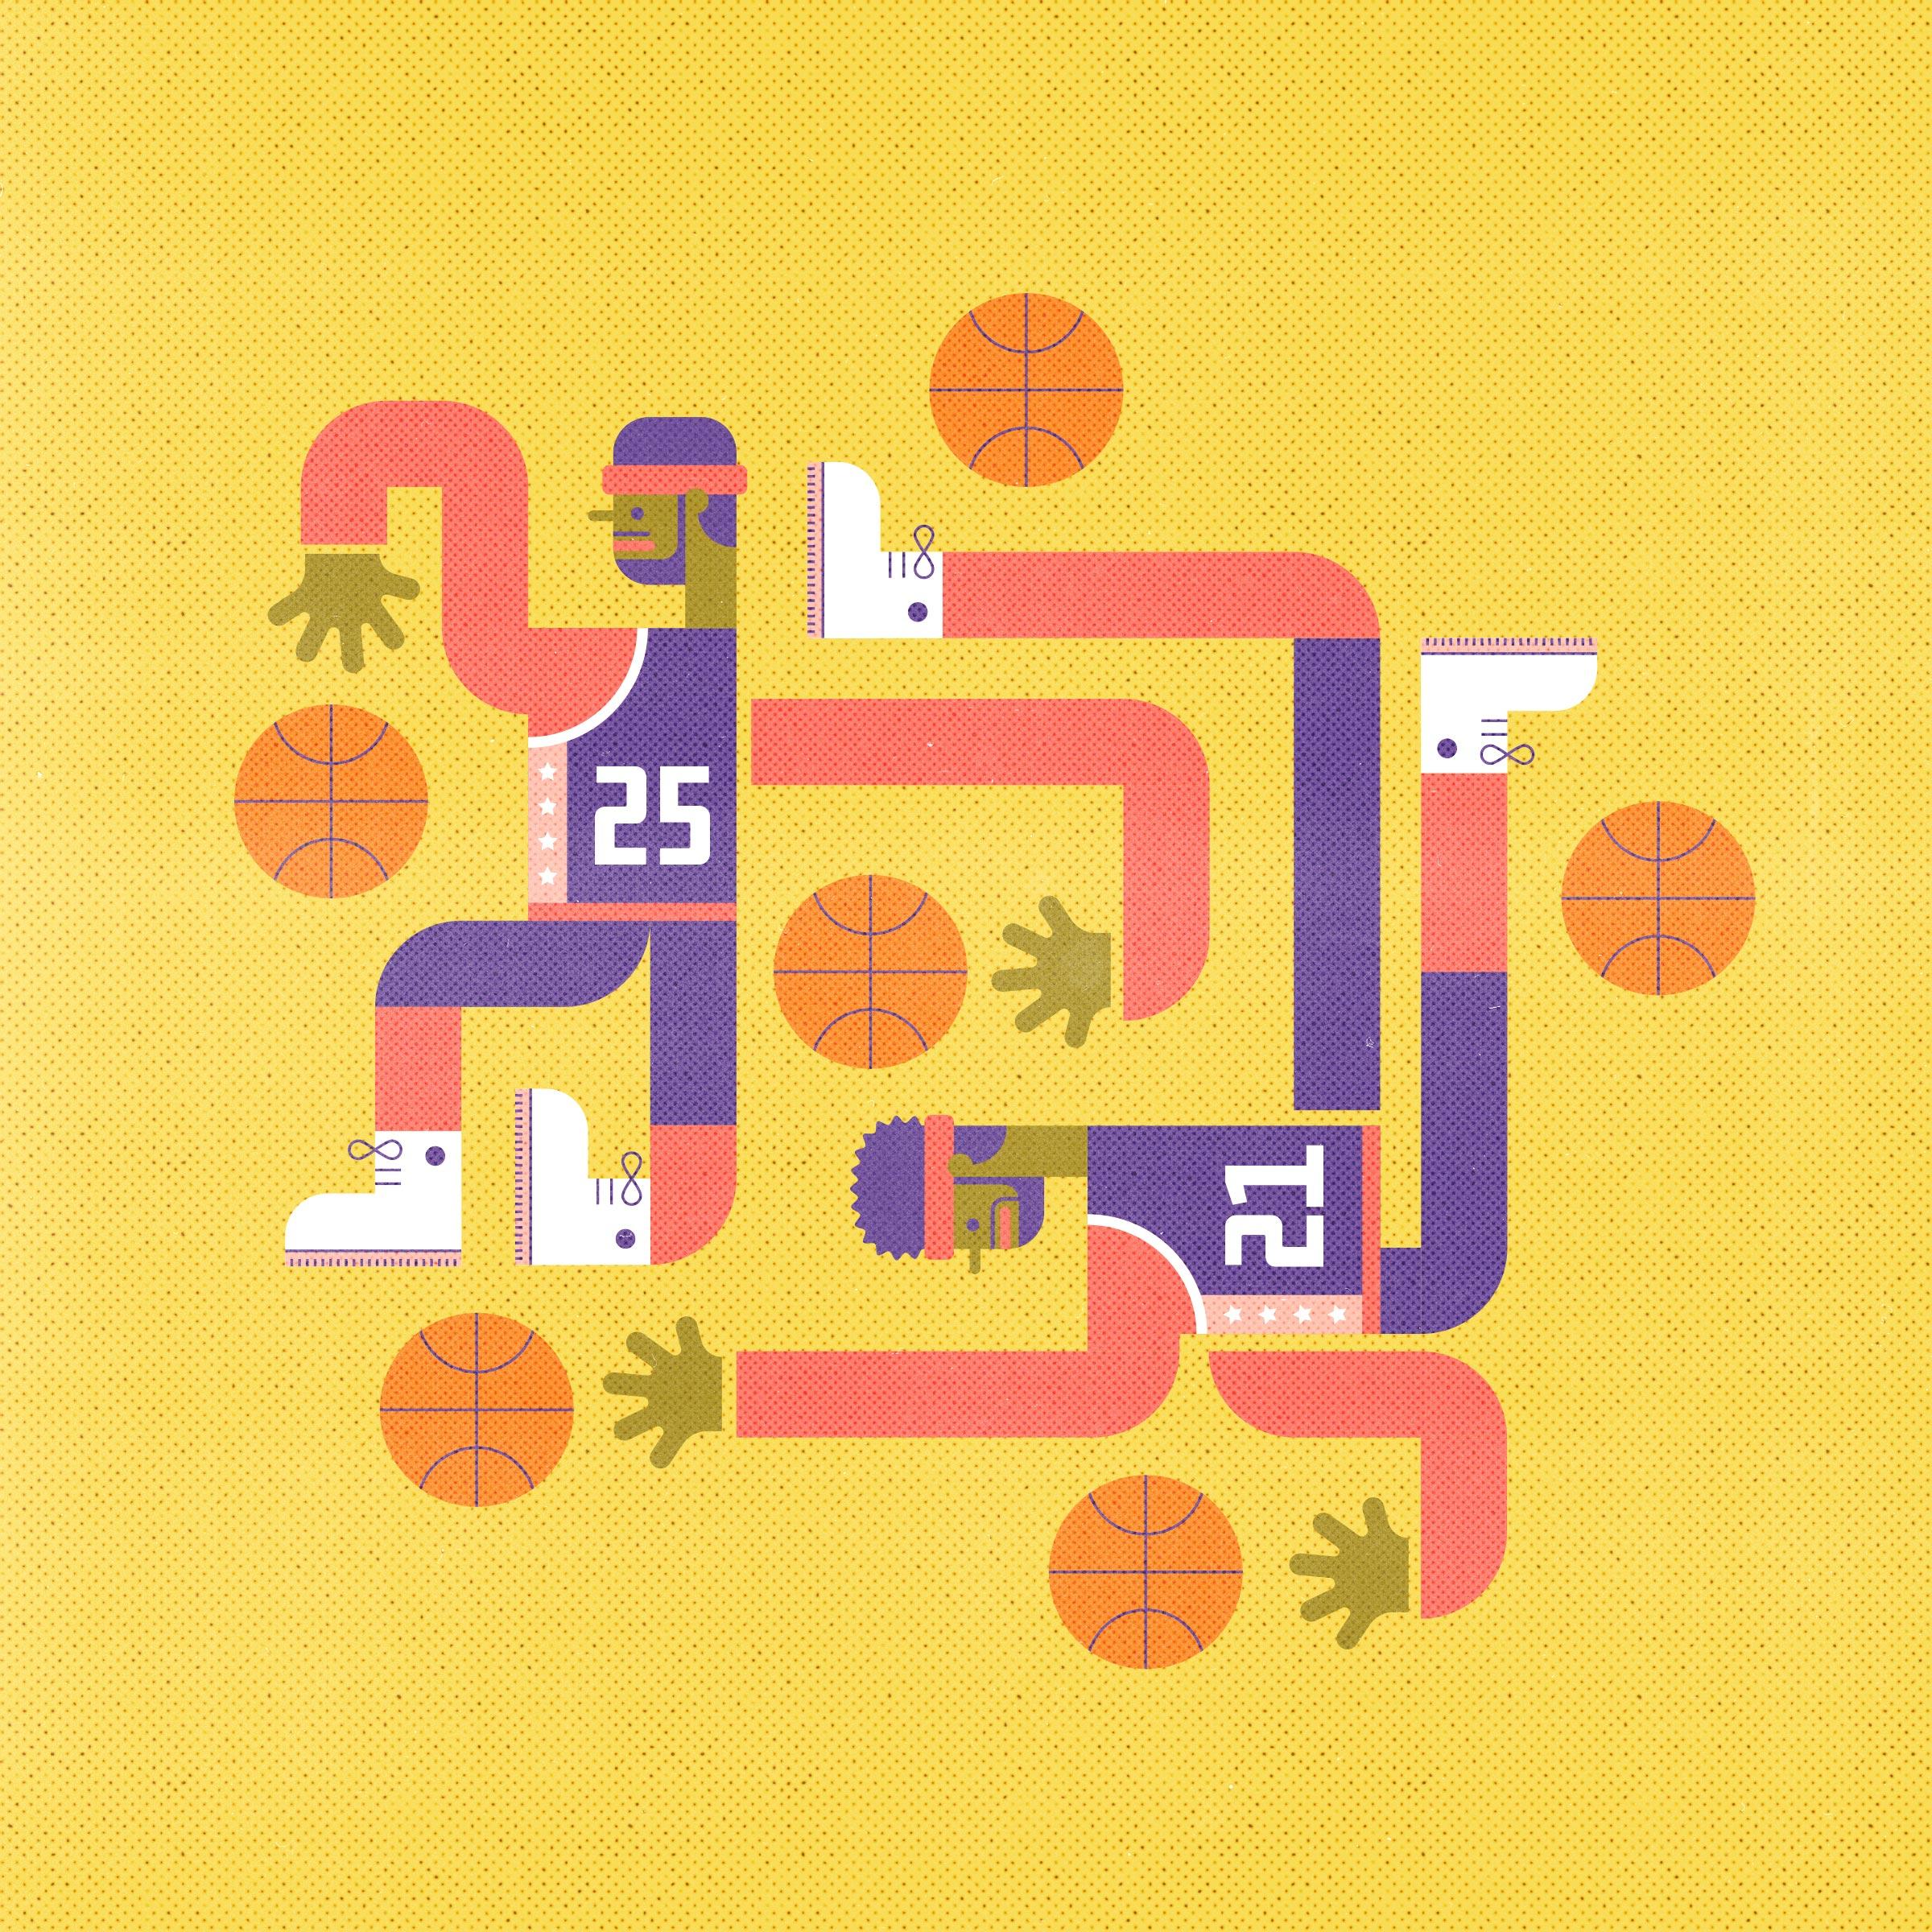 basketballers_illo_texture